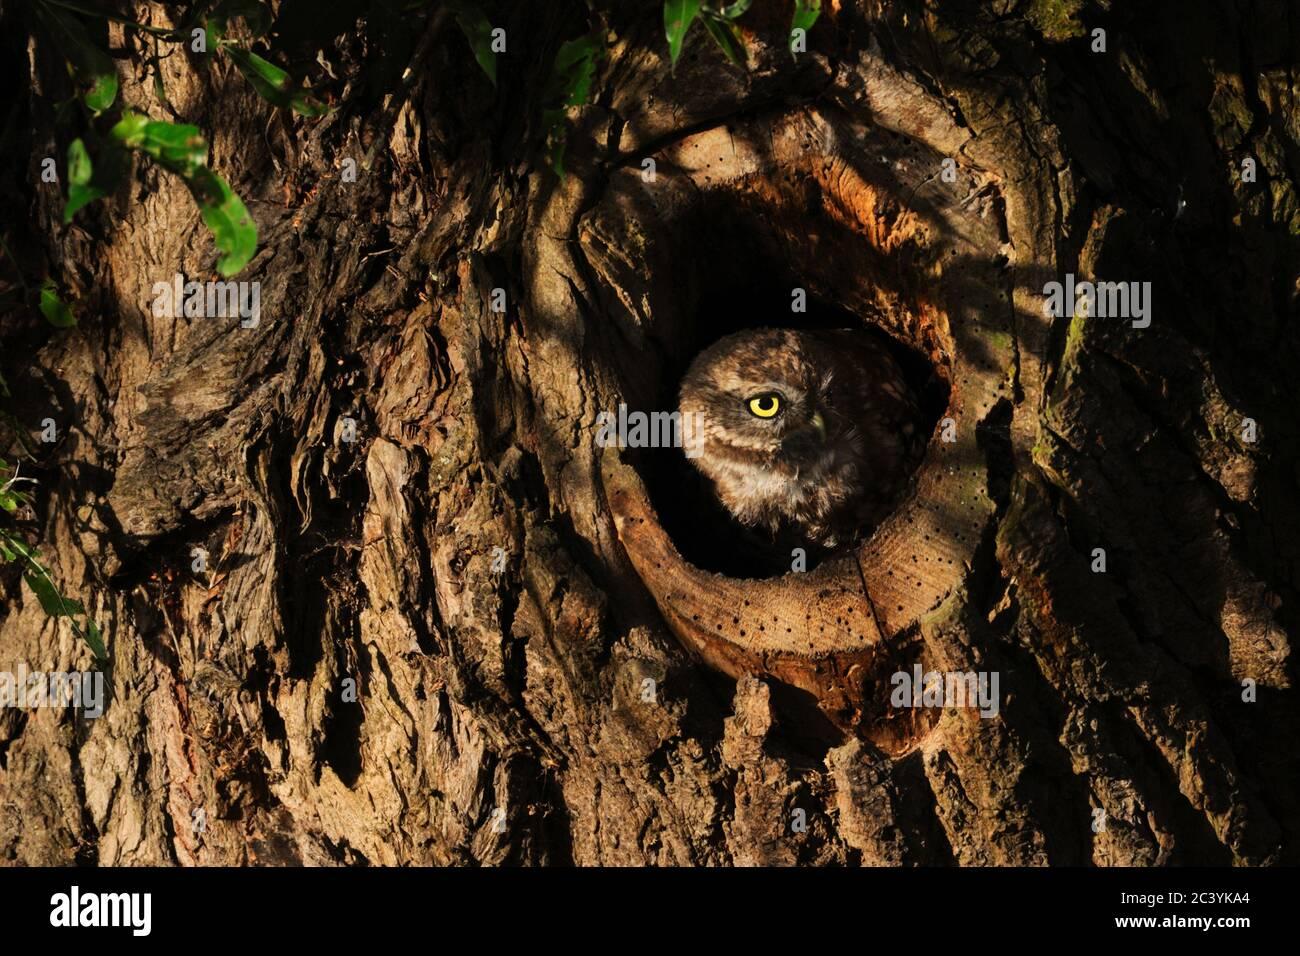 Kleine Eule / Minervas Eule / Steinkauz ( Athene noctua ) aus einer Baumhöhle im ersten Morgenlicht beobachten, sieht niedlich aus, Tierwelt, Europa. Stockfoto